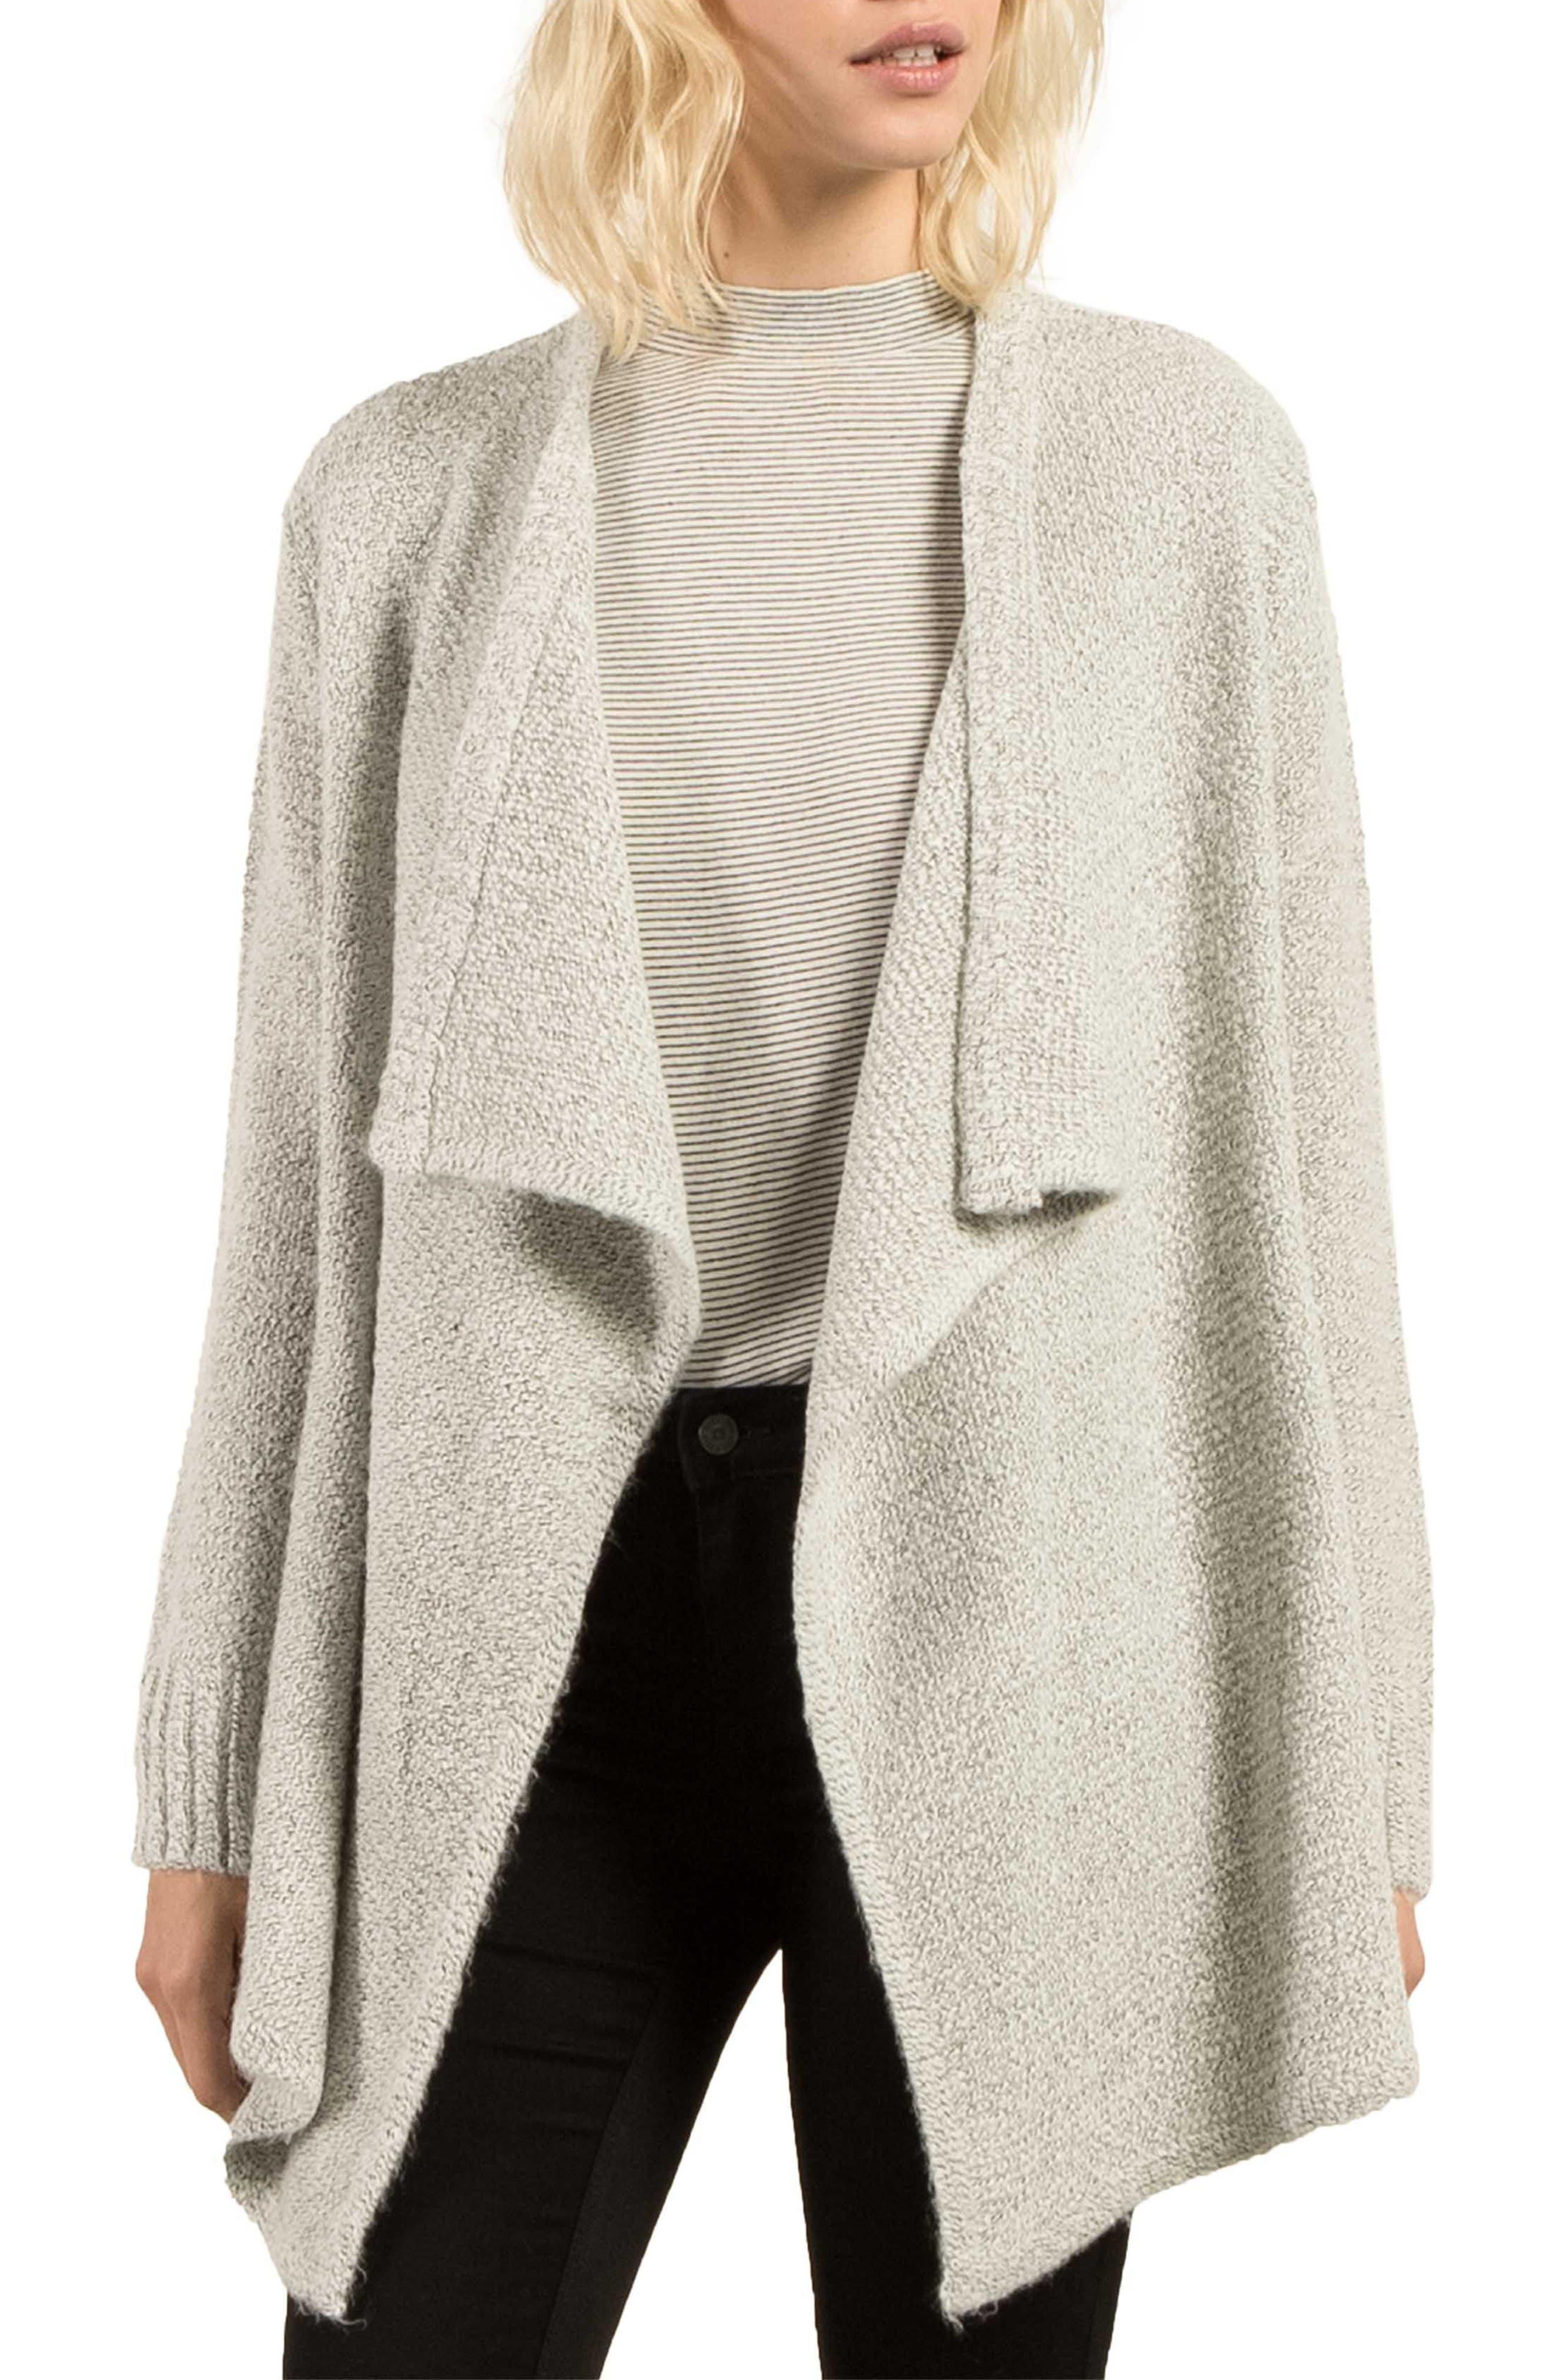 Cold Daze Wrap Sweater,                         Main,                         color, Heather Grey